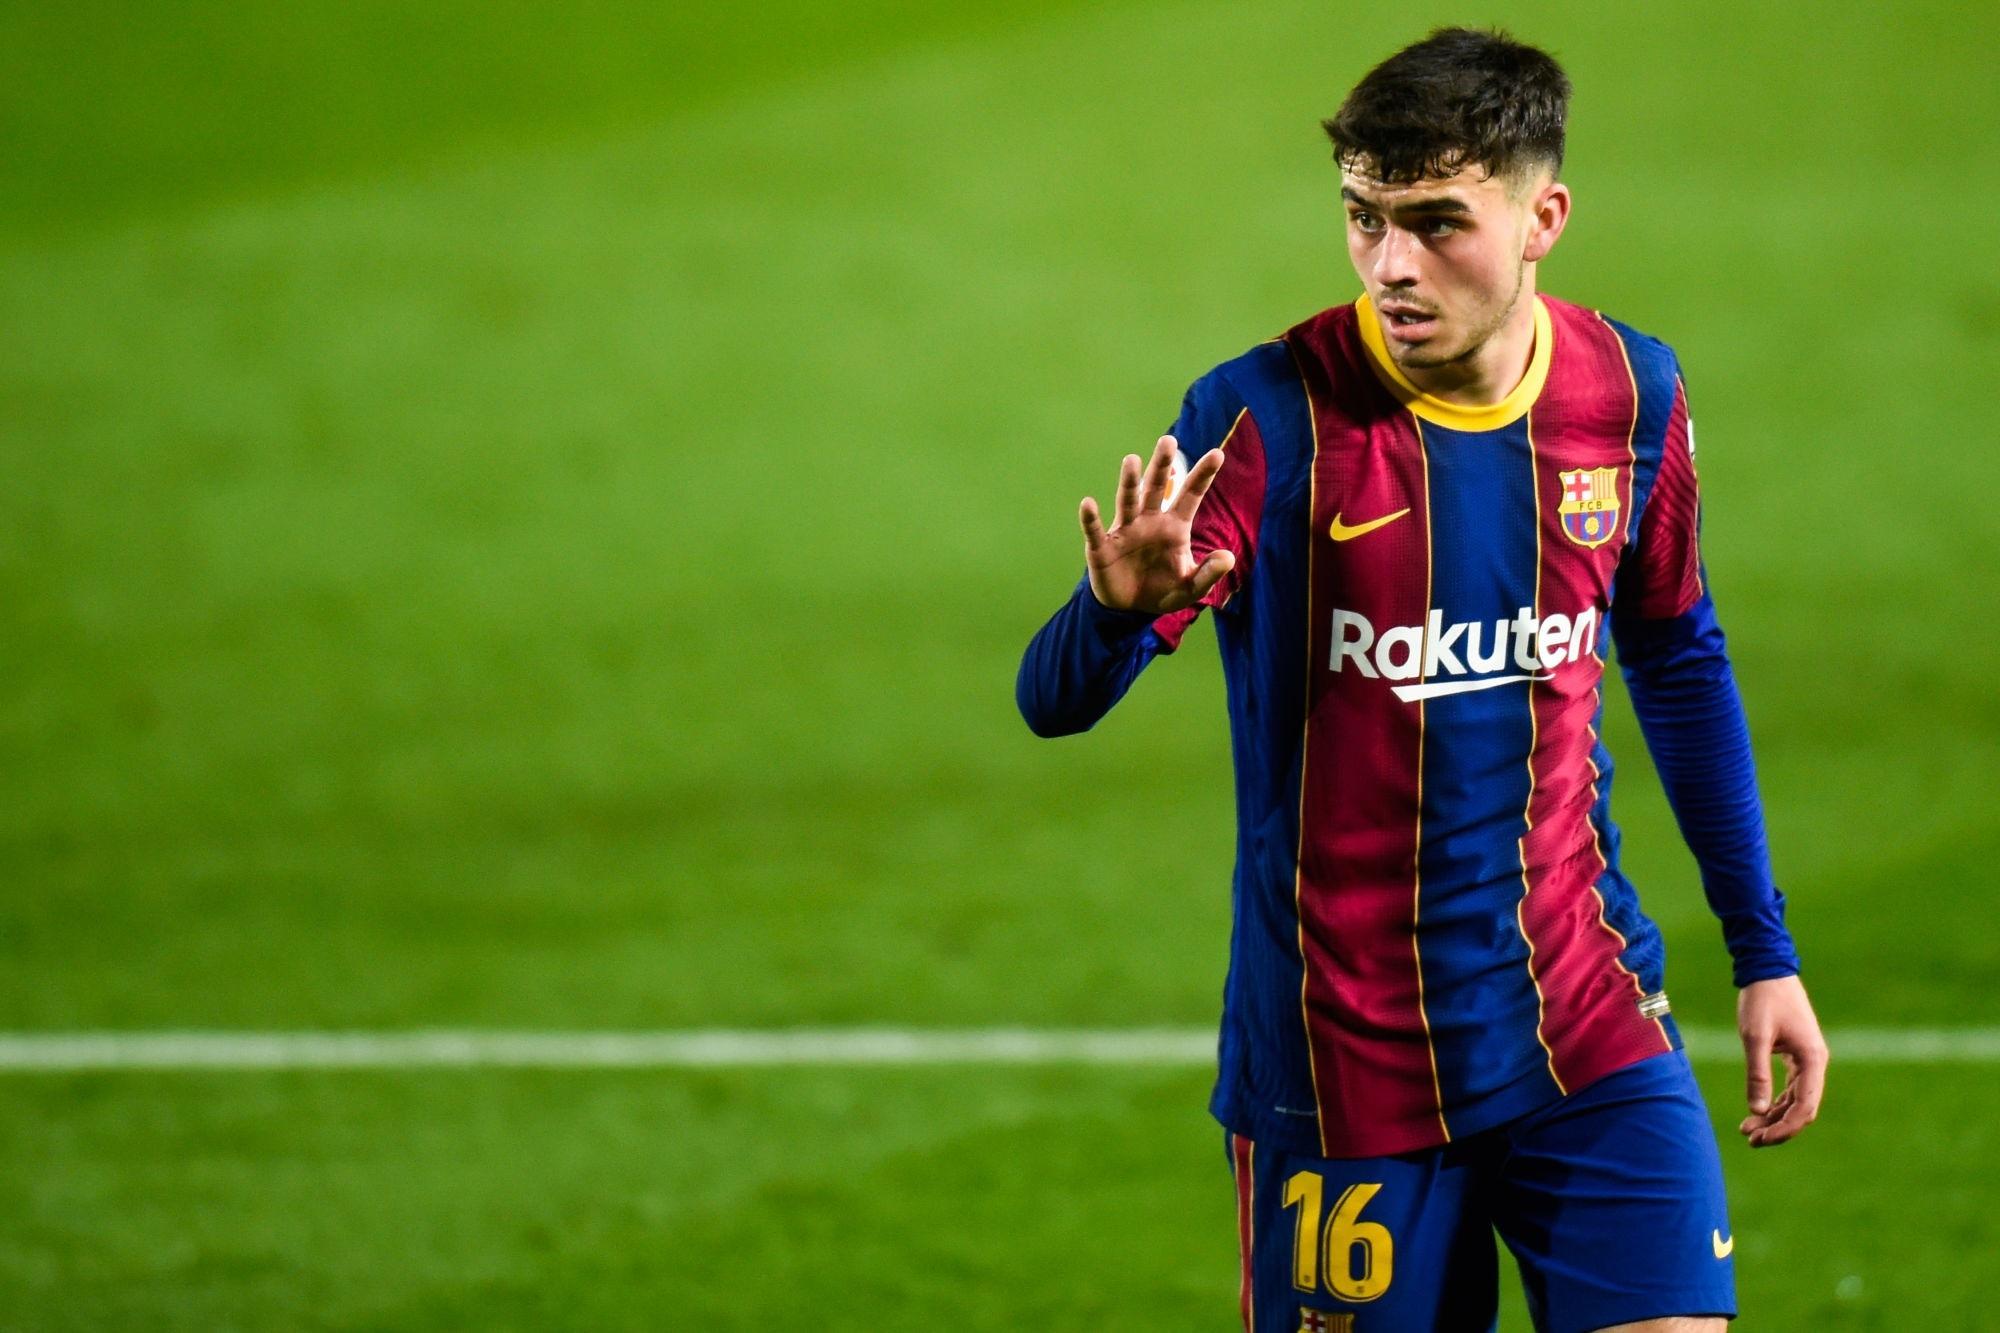 PSG/Barcelone - Pedri est déjà de retour à l'entraînement, pas Araujo